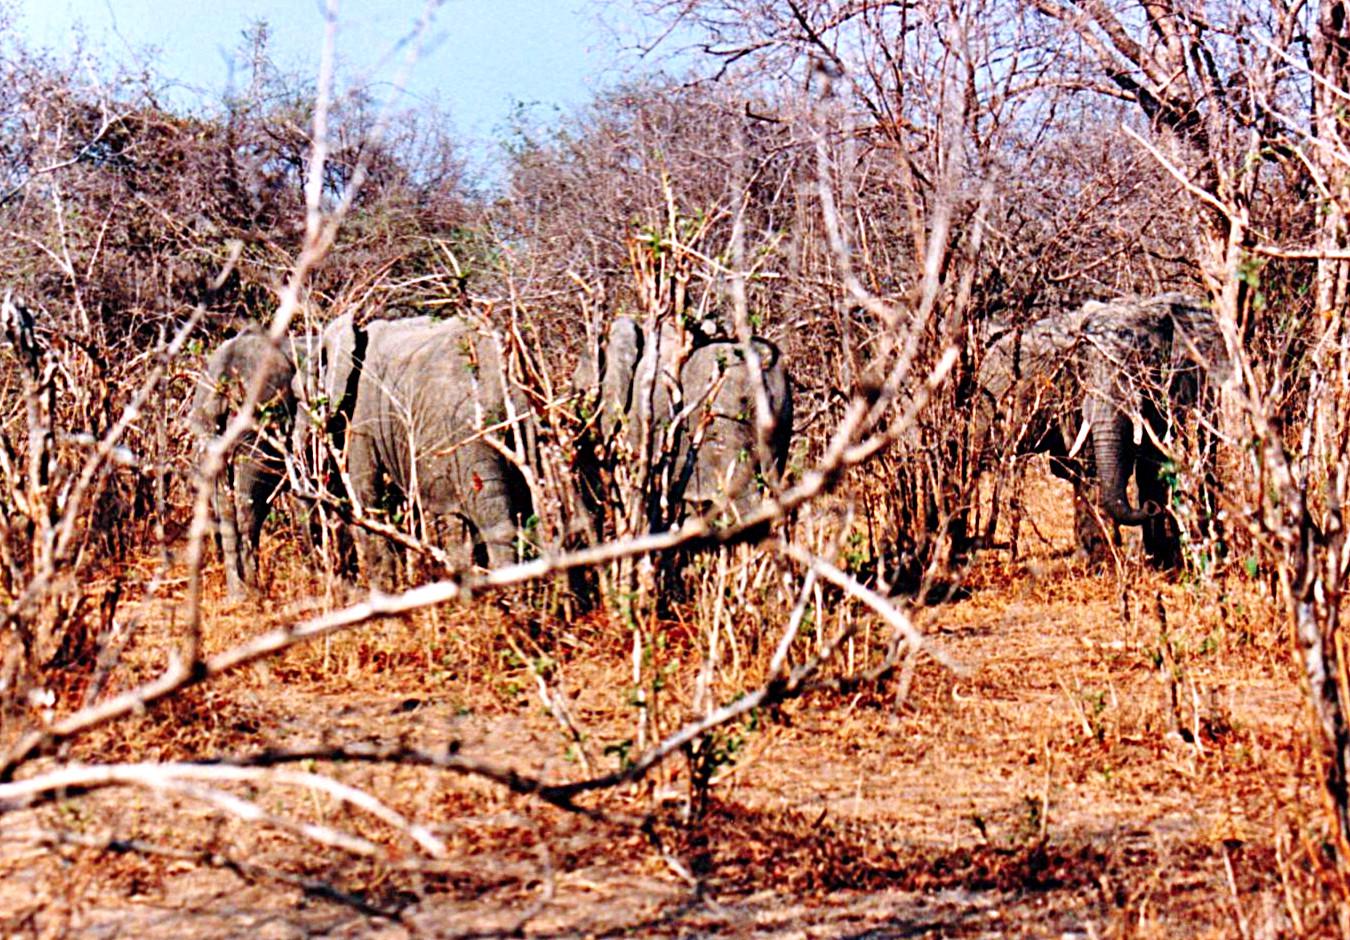 elephants in queen elizabeth national park in uganda